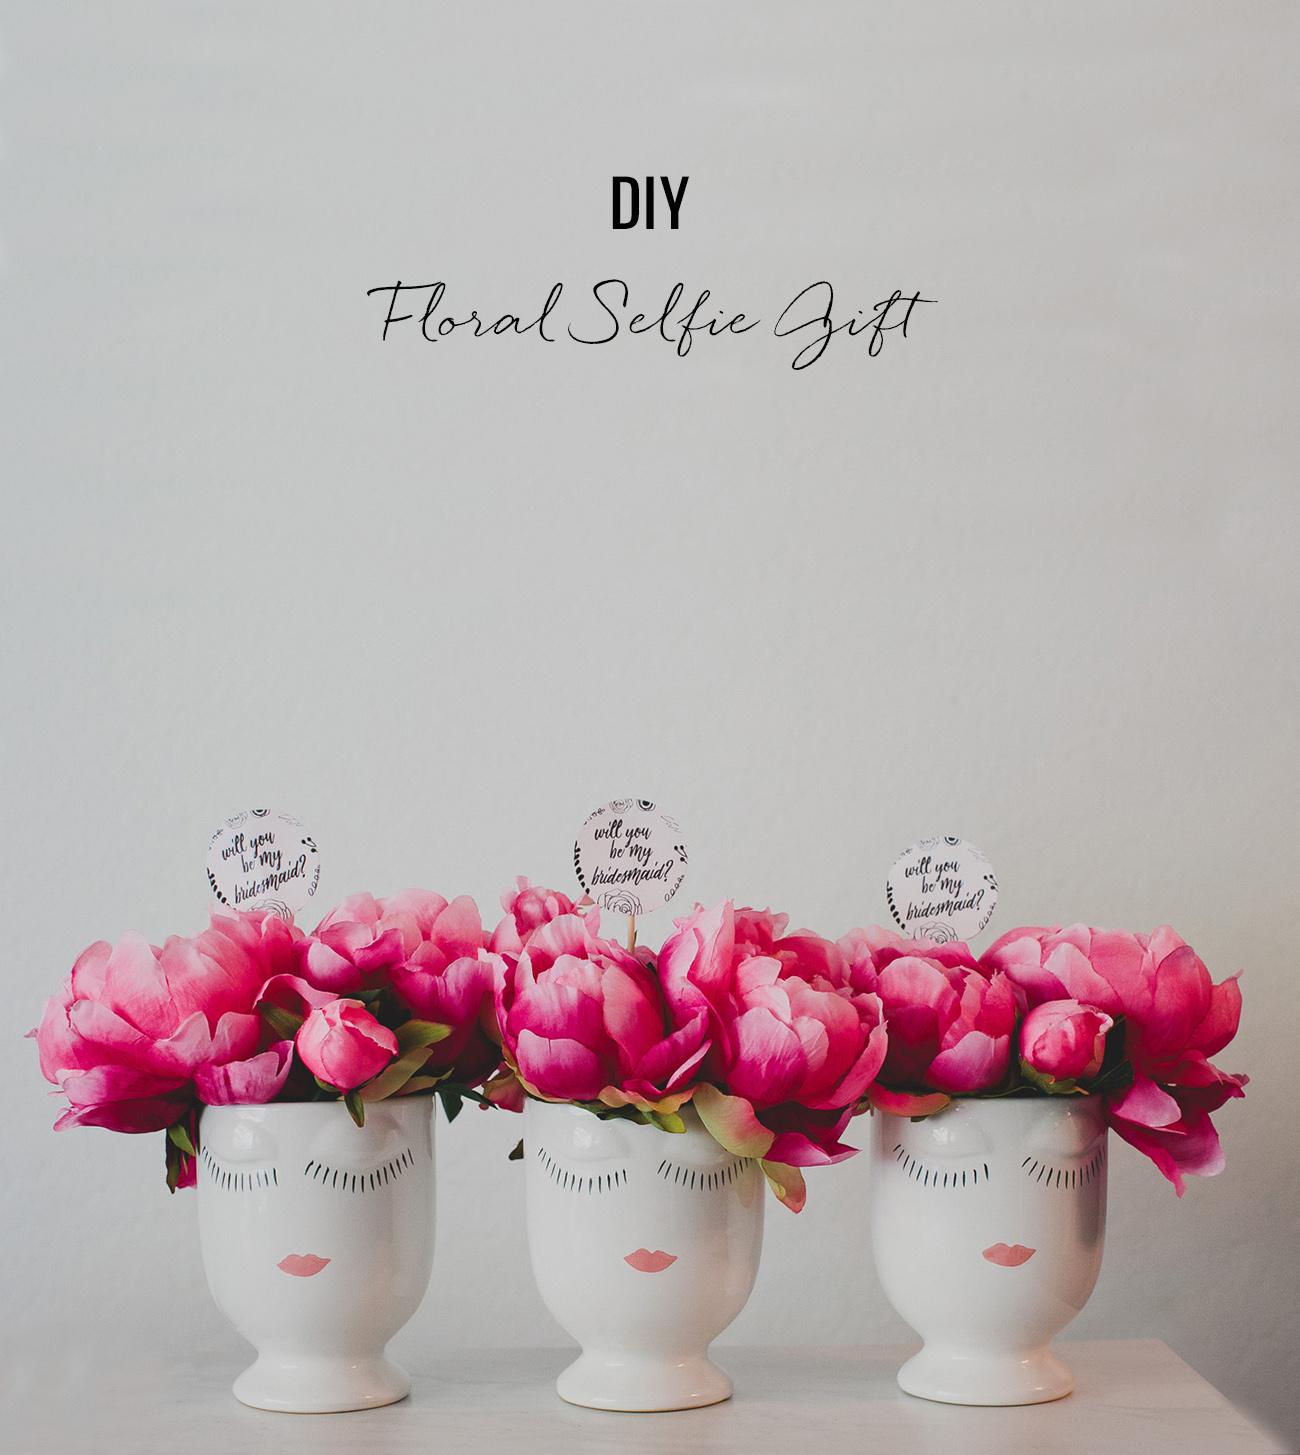 DIY Floral Selfie Gift with silk flowers